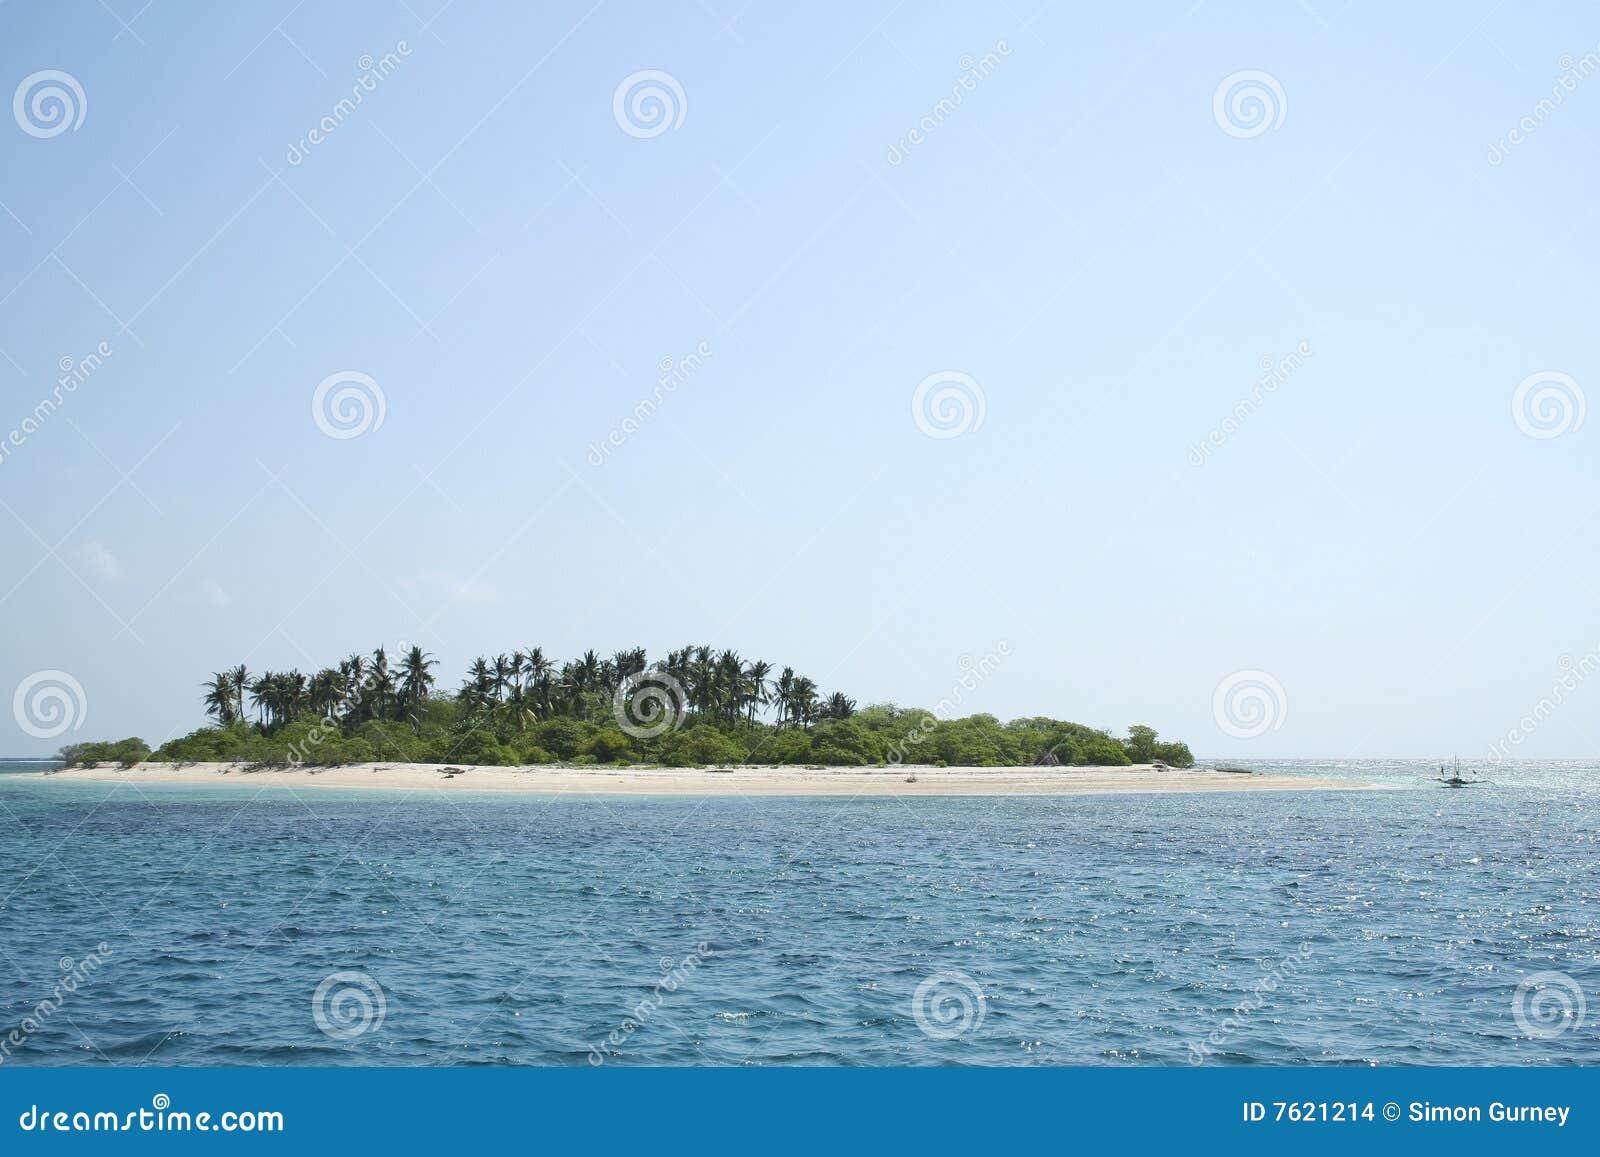 荒岛菲律宾天空